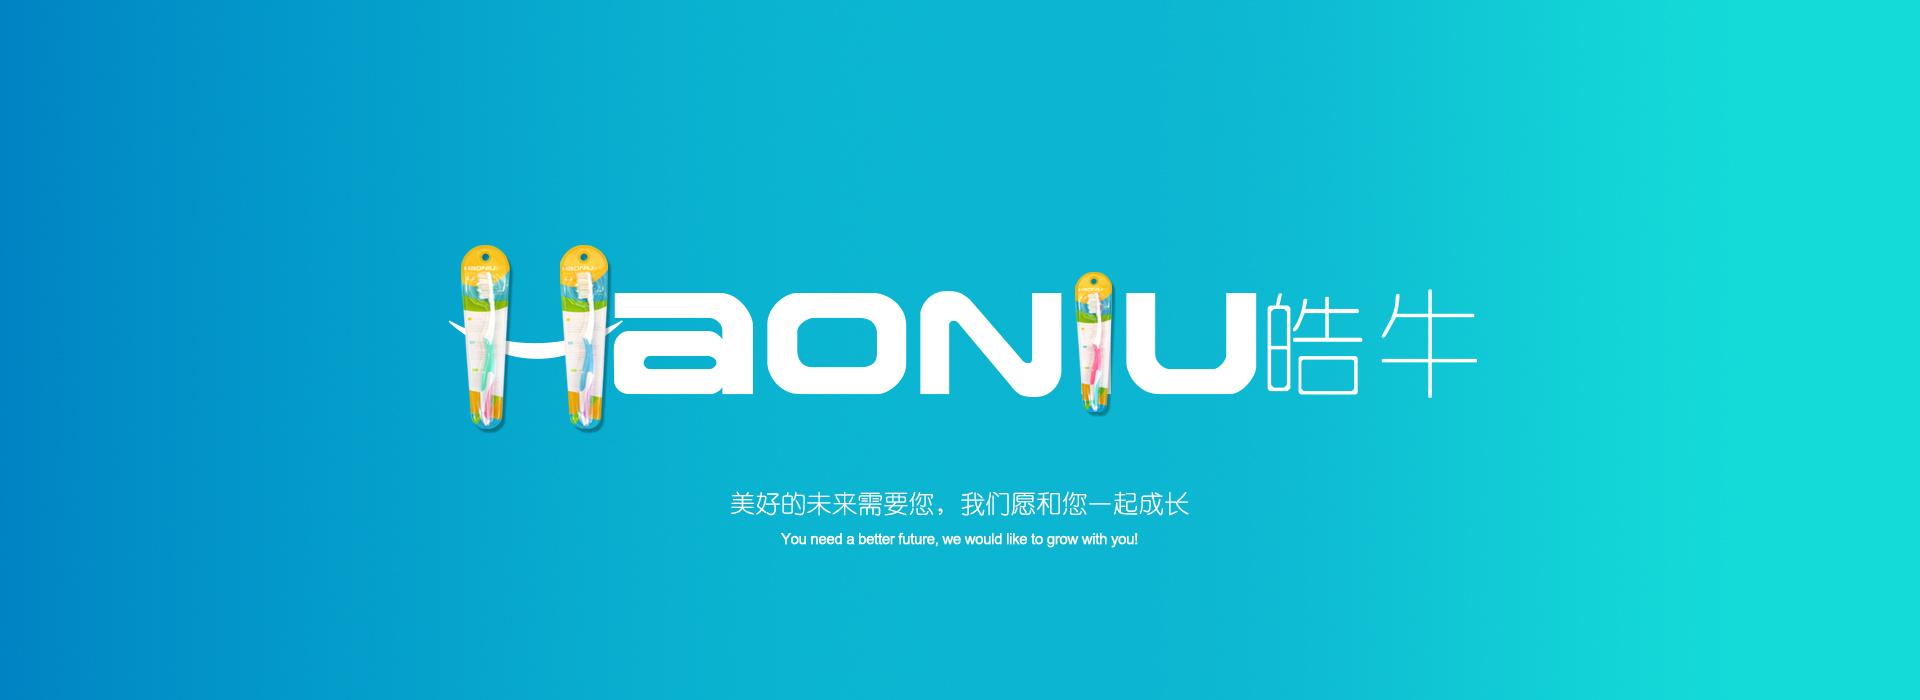 扬州牙刷生产厂家haoniu皓牛小麦秸秆牙刷HC-605炭柔棉竹炭牙刷示例图1